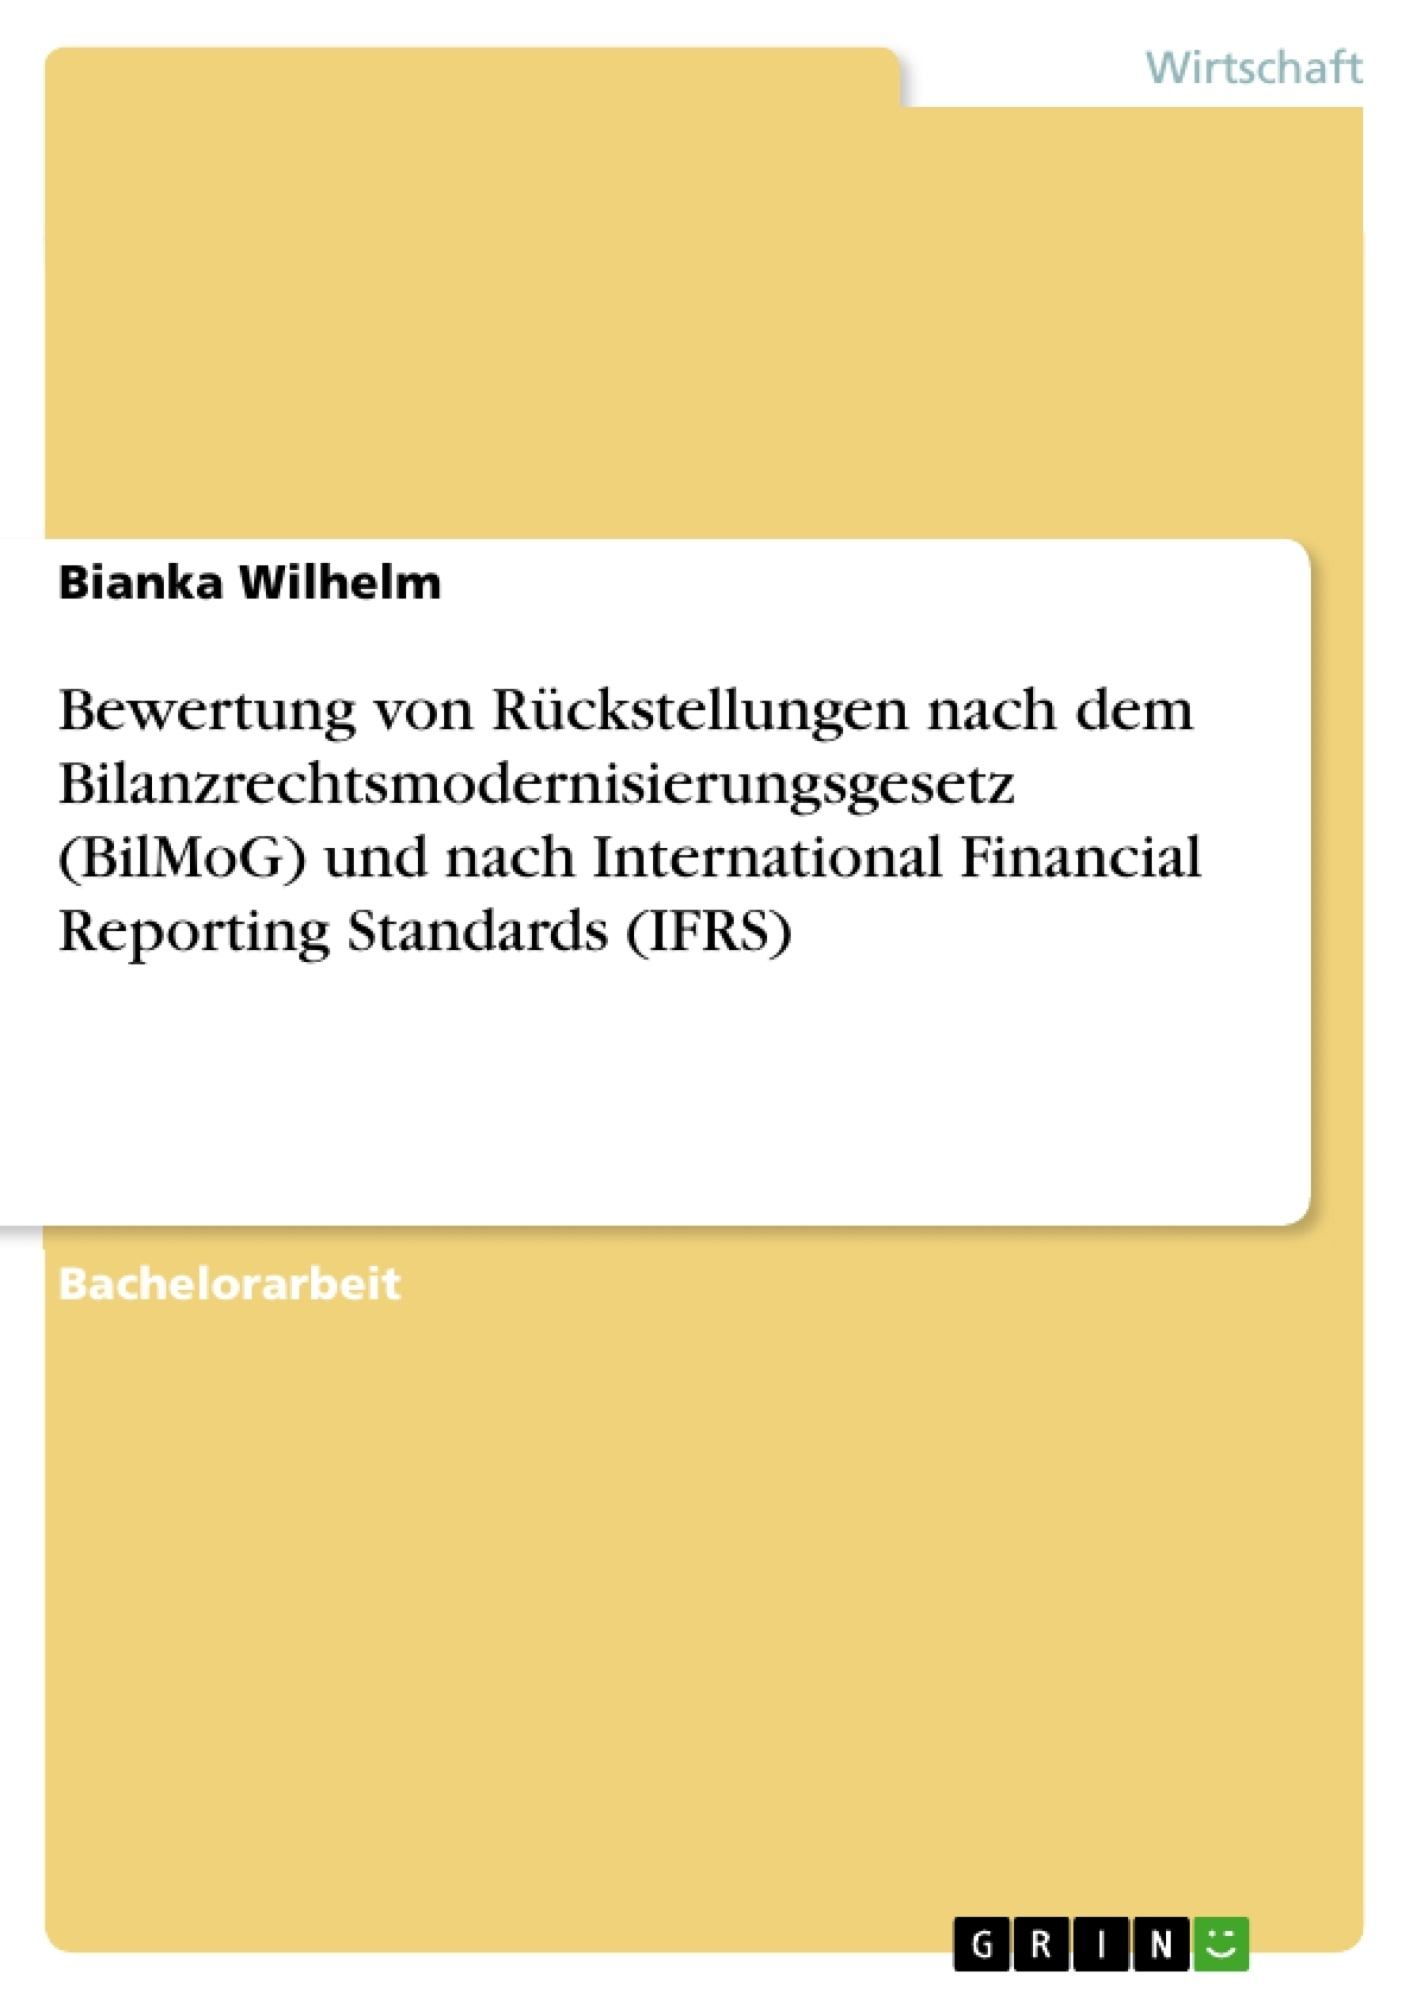 Titel: Bewertung von Rückstellungen nach dem Bilanzrechtsmodernisierungsgesetz (BilMoG) und nach International Financial Reporting Standards (IFRS)